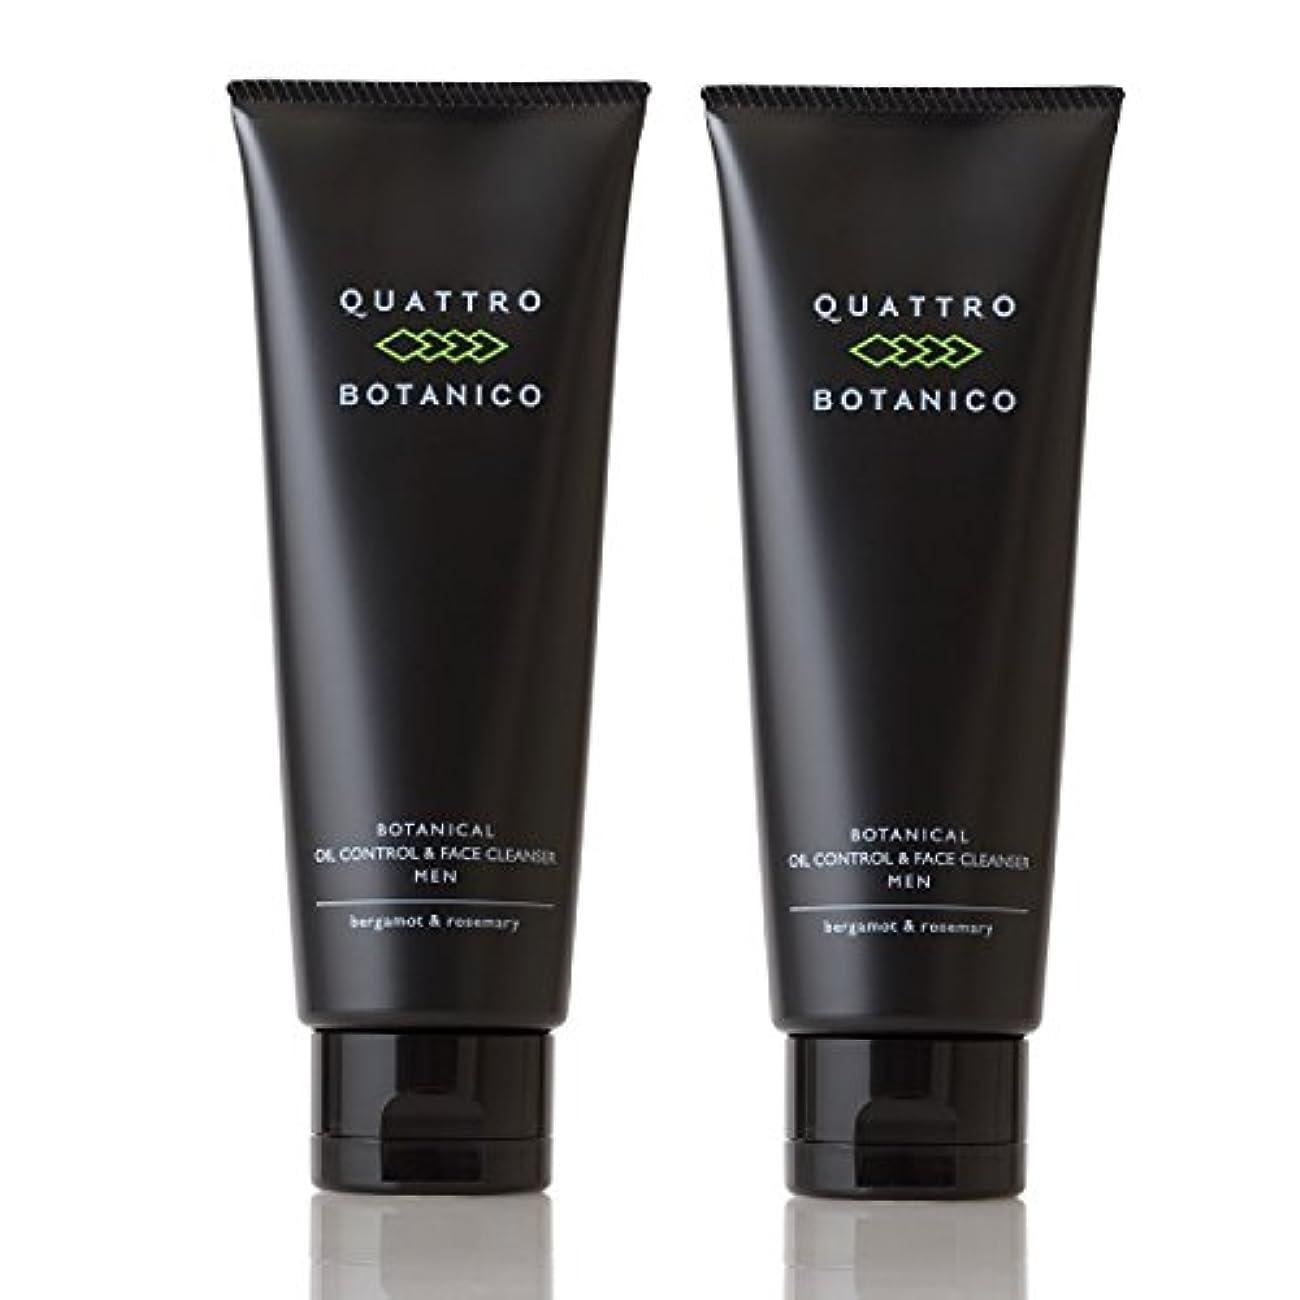 対応代表する意外クワトロボタニコ (QUATTRO BOTANICO) 【 メンズ 洗顔 】 ボタニカル オイルコントロール & フェイスクレンザー (男性 スキンケア) 《お得な2本セット》 120g × 2本